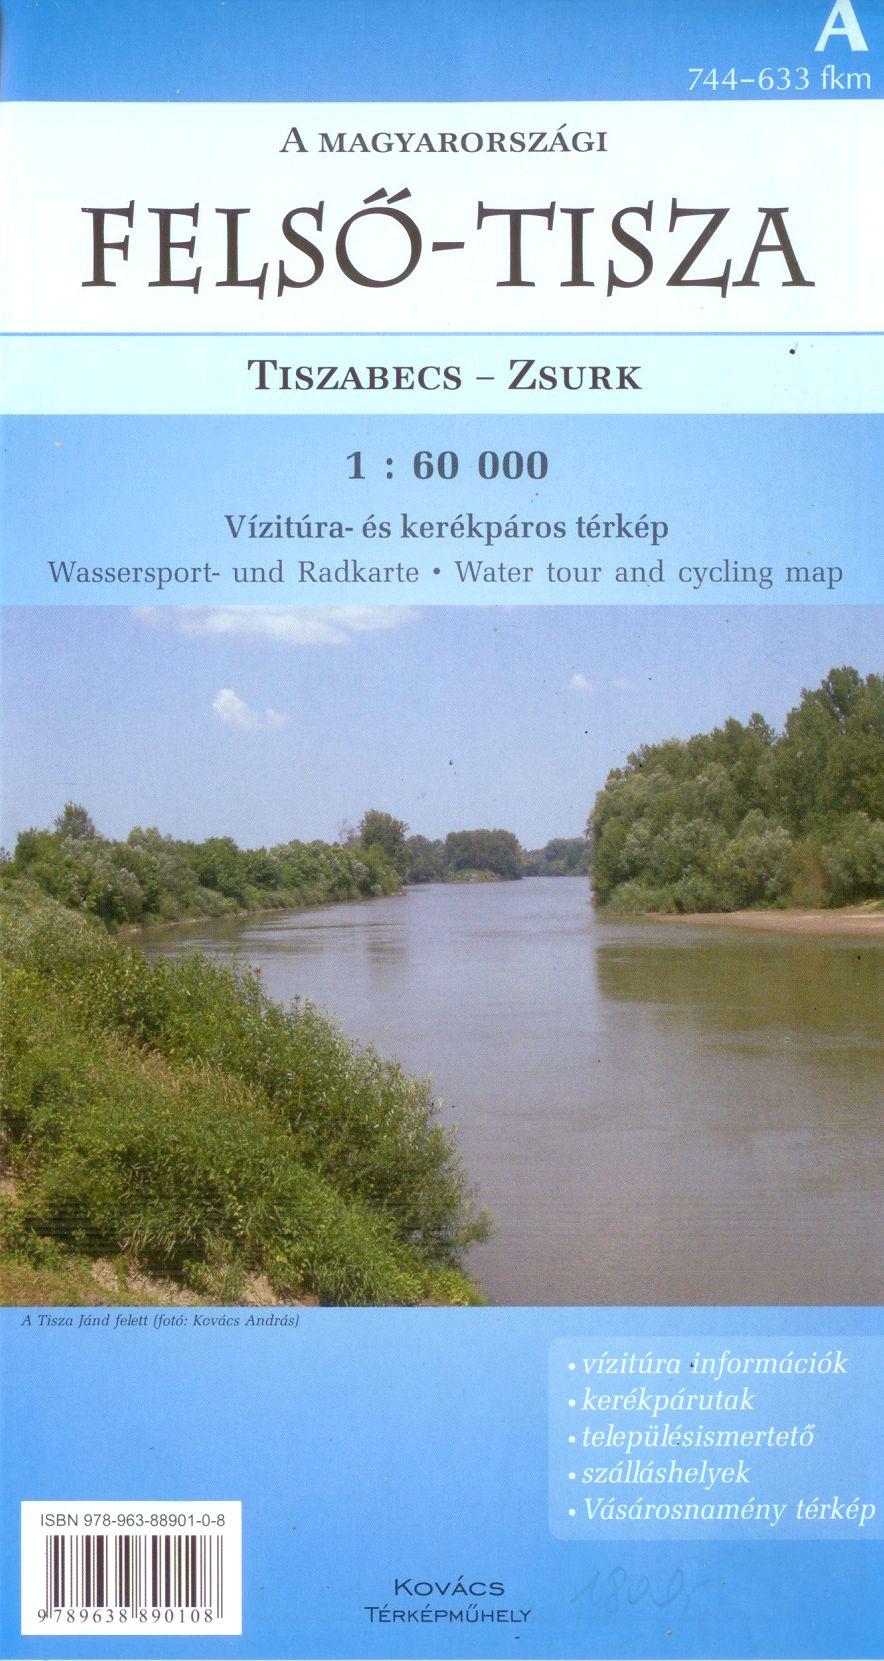 Felső-Tisza (744-633 km, Tiszabecs-Zsurk) vizitúra és biciklis térkép szabadidős tematikával, 3 nyelvű jelmagyarázattal